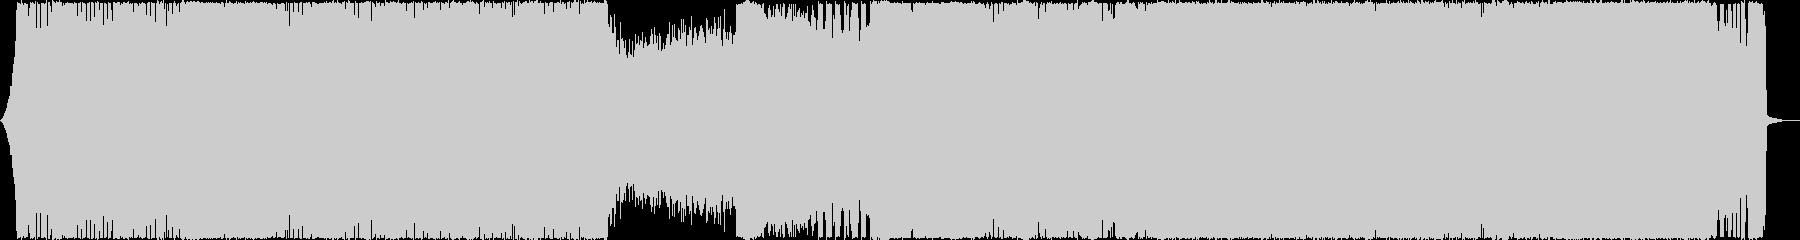 ハイテンポで激しいデスボイス・メタルの未再生の波形